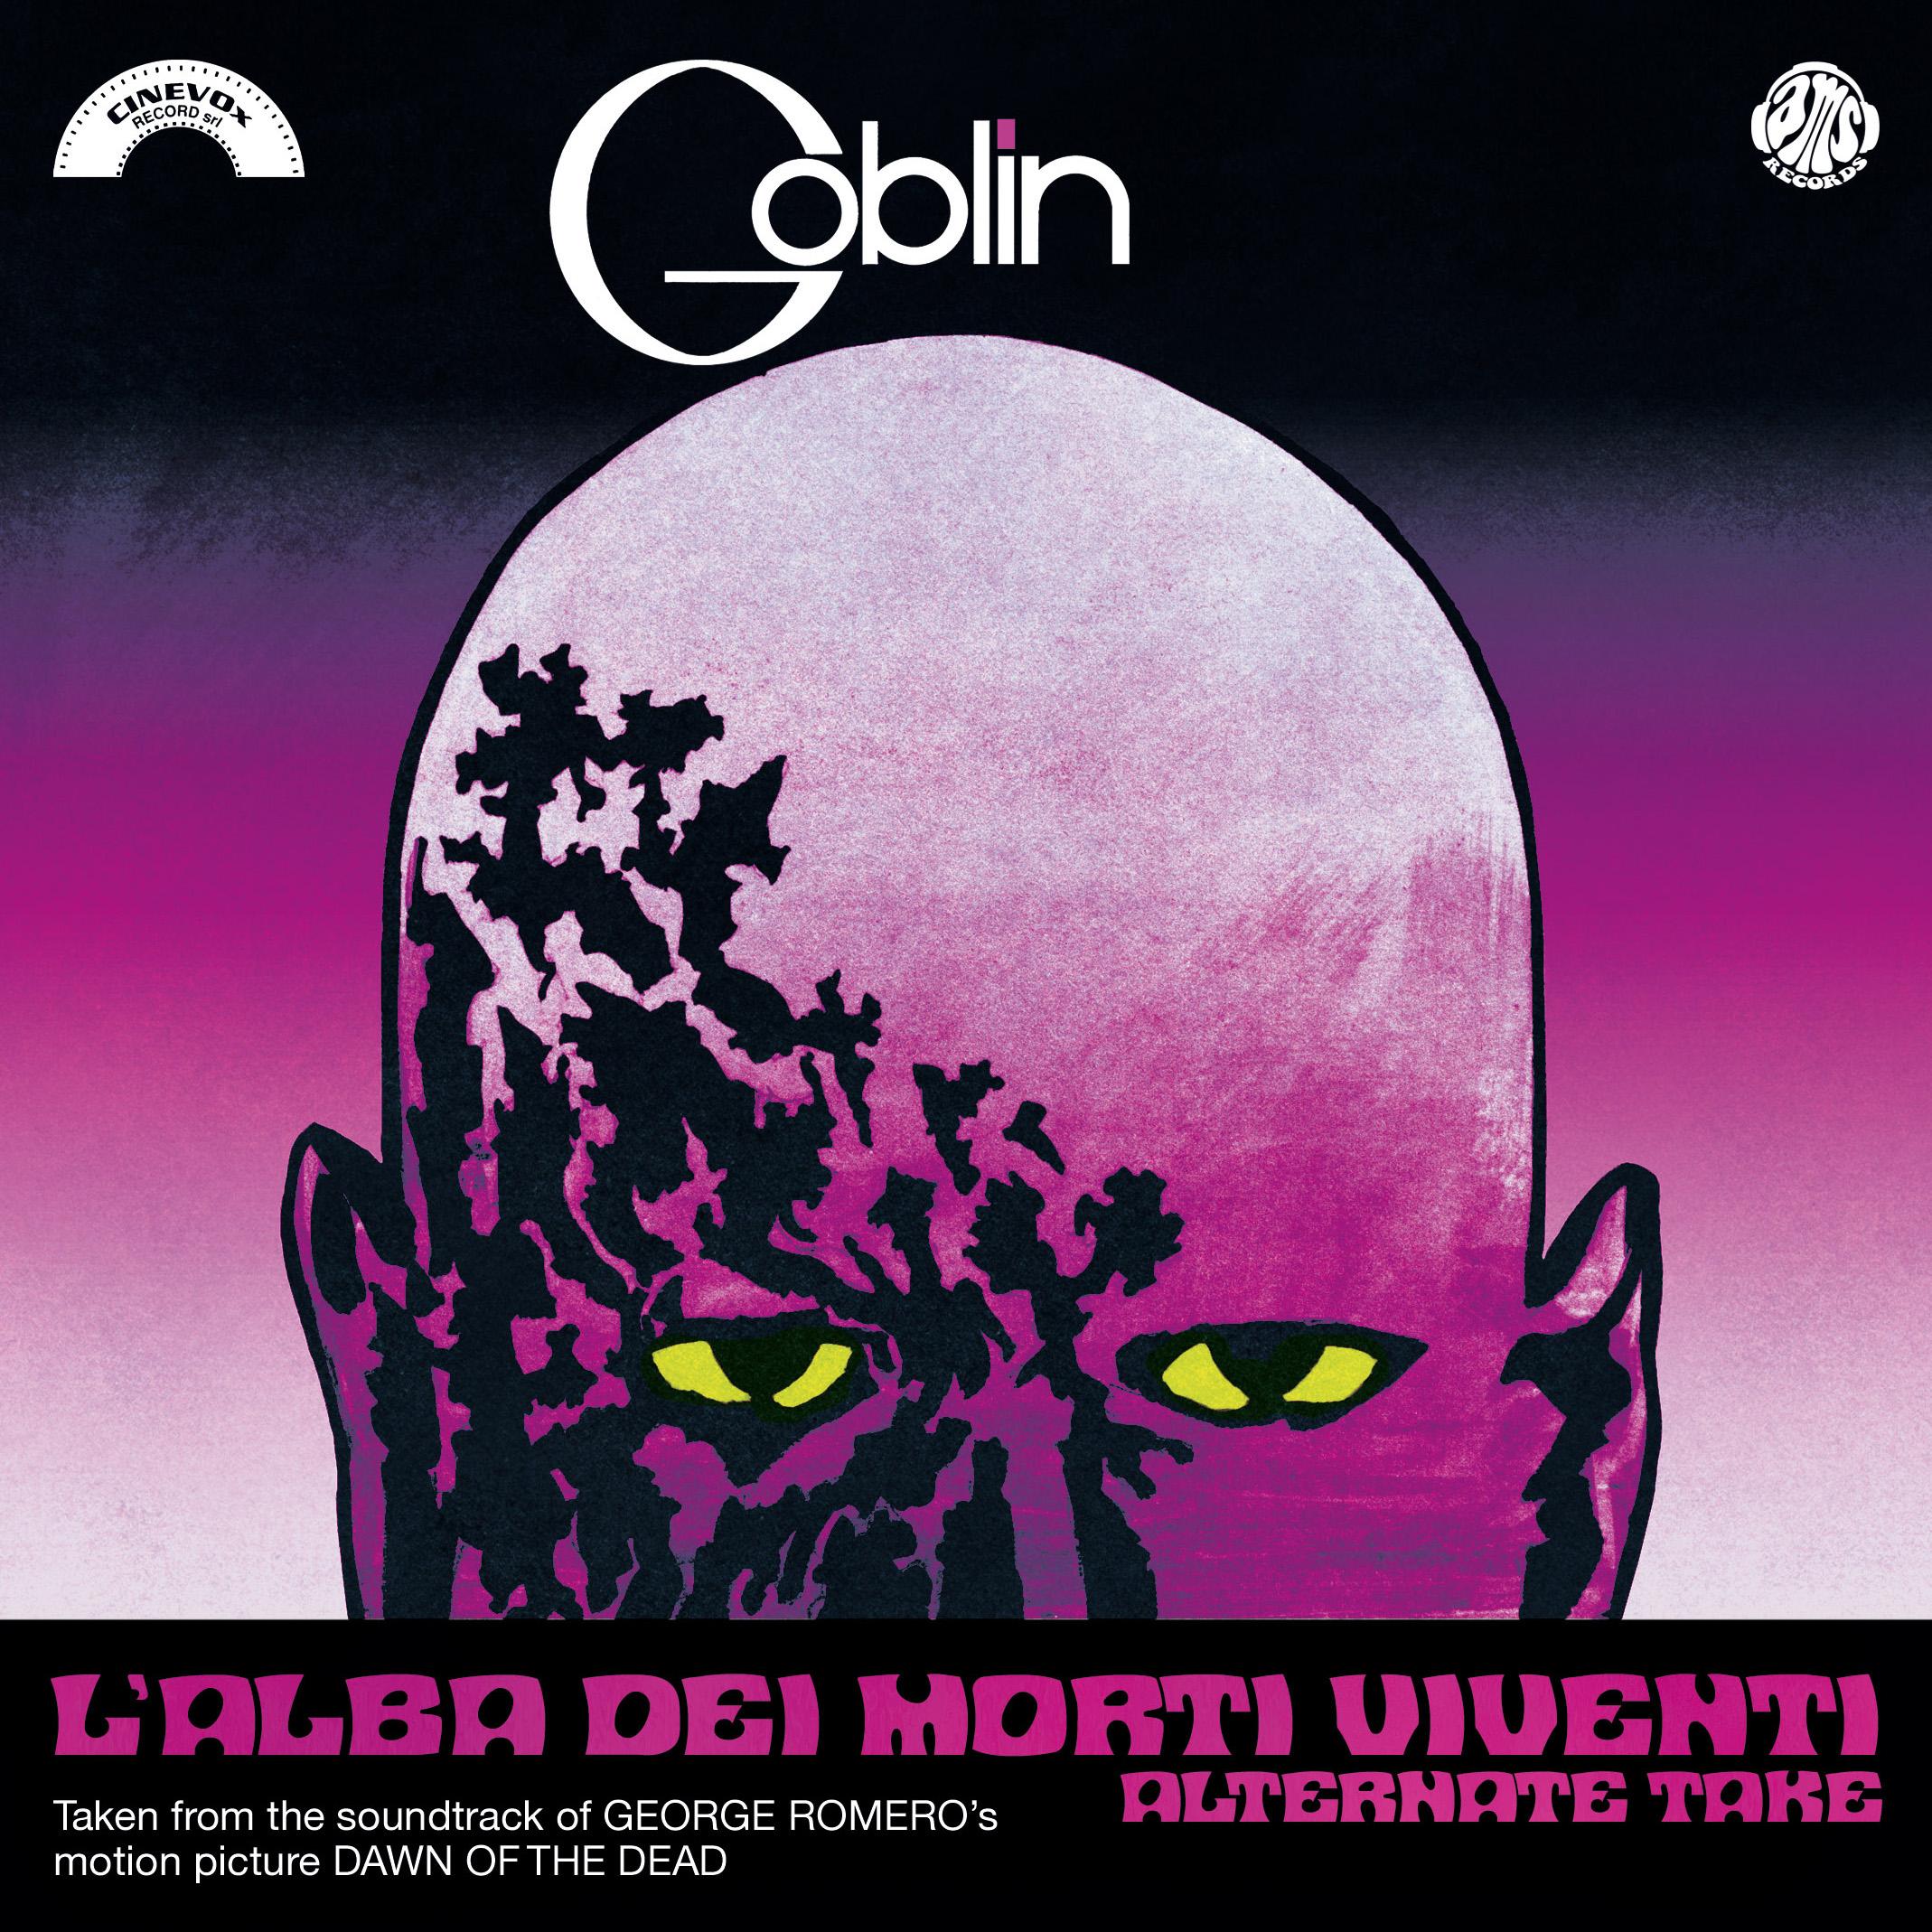 Goblin - L'Alba dei morti viventi ( alternate take) / La Caccia